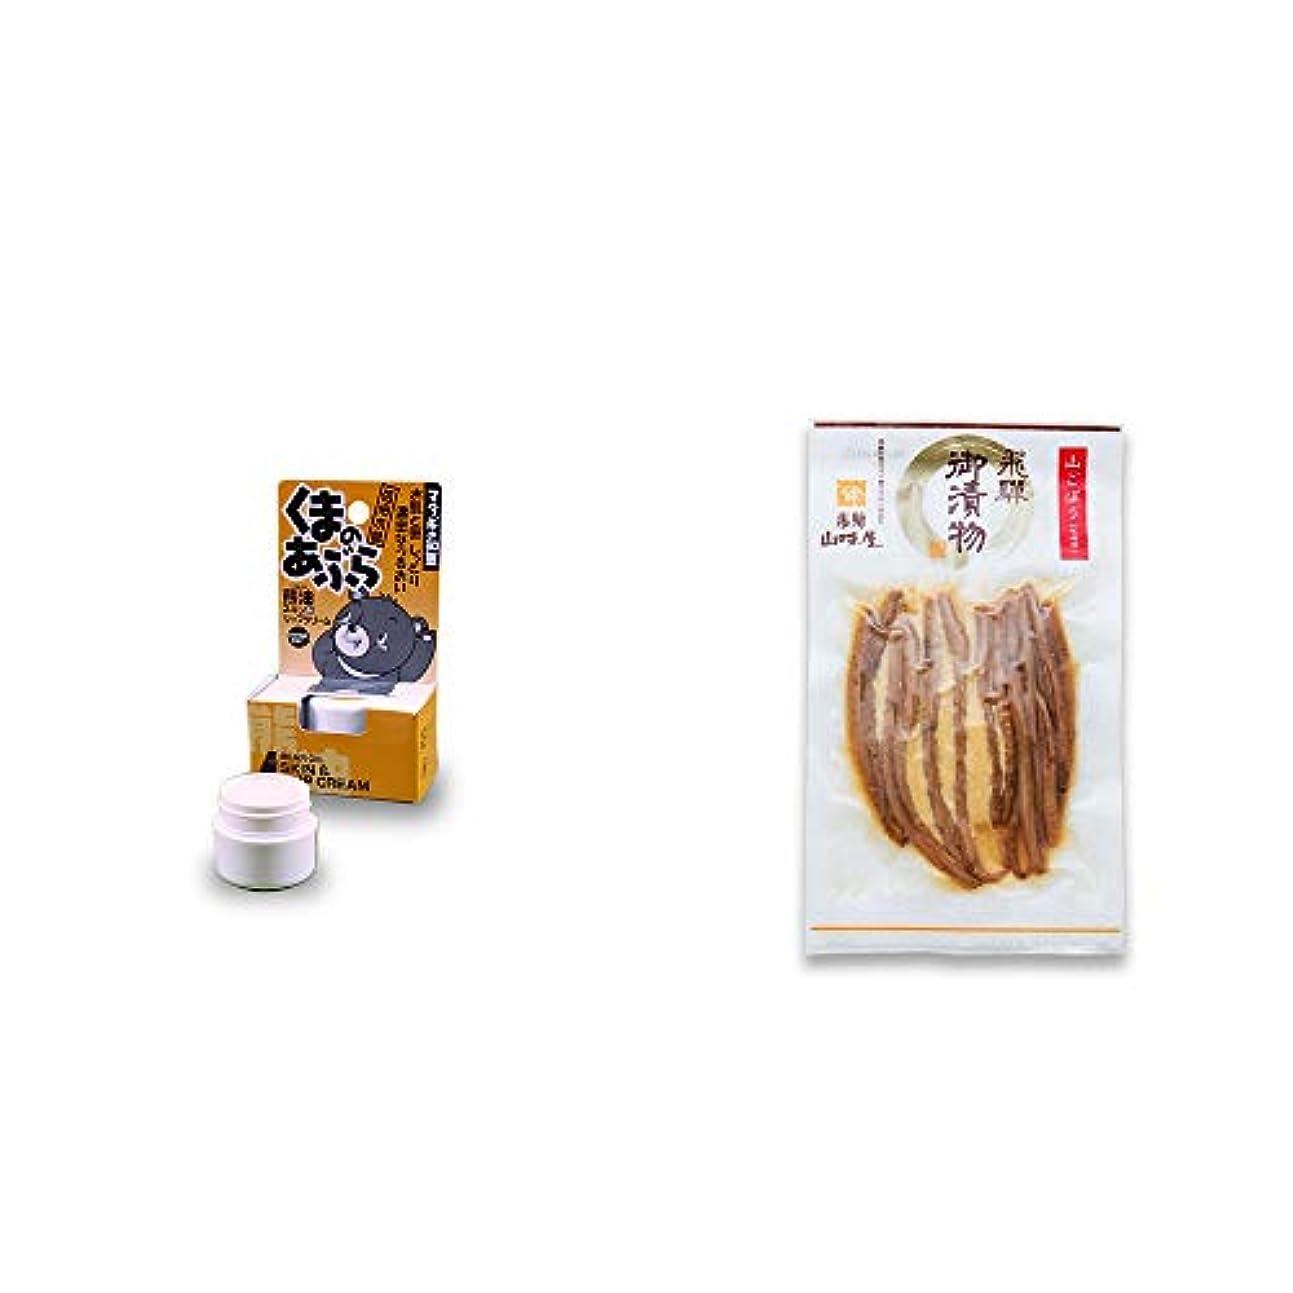 アストロラーベ積分毛細血管[2点セット] 信州木曽 くまのあぶら 熊油スキン&リップクリーム(9g)?飛騨山味屋 山ごぼう味噌漬(80g)